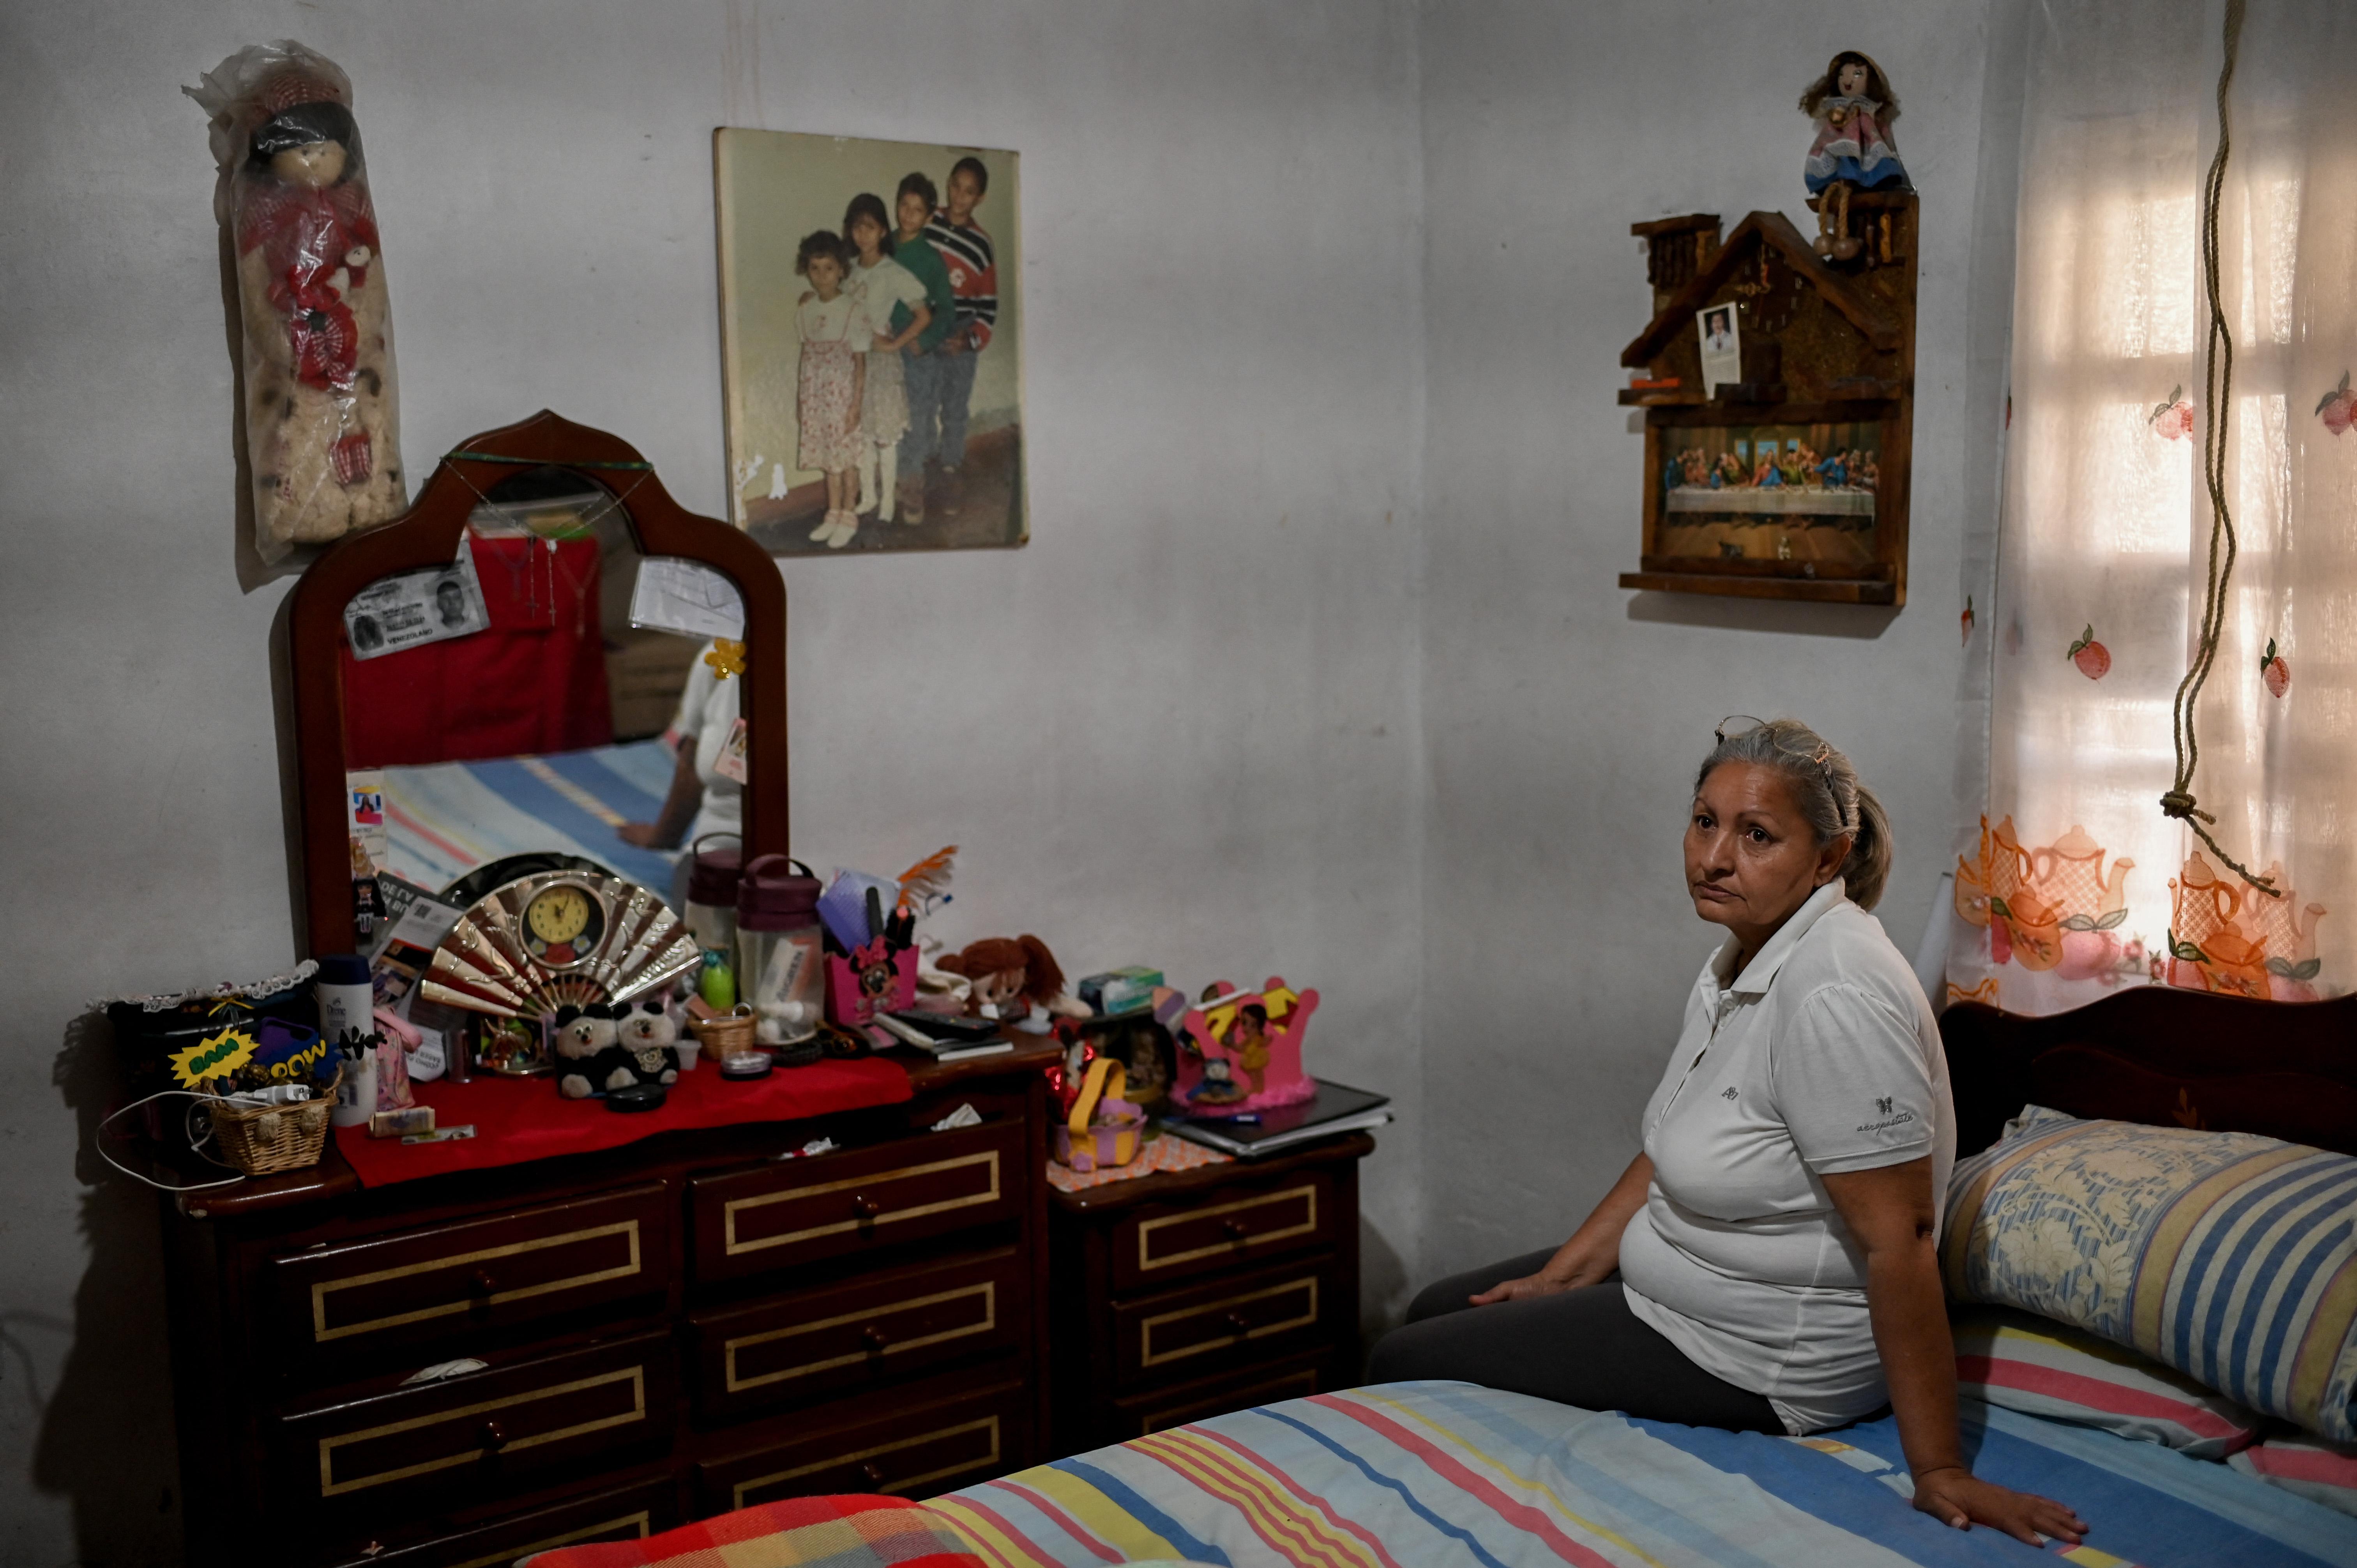 Tráfico de venezolanos en el mundo crece con la emergencia humanitaria